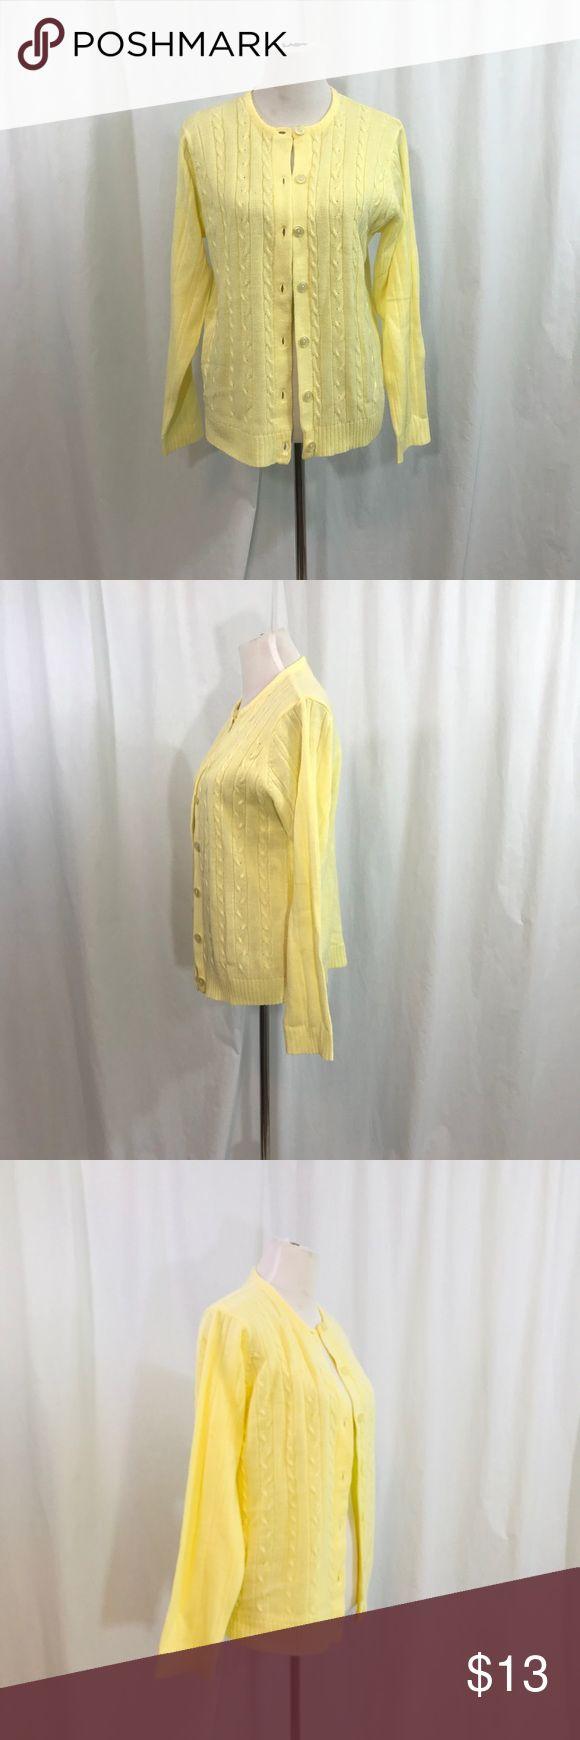 Более 25 лучших идей на тему «Yellow cardigan sweater» на ...